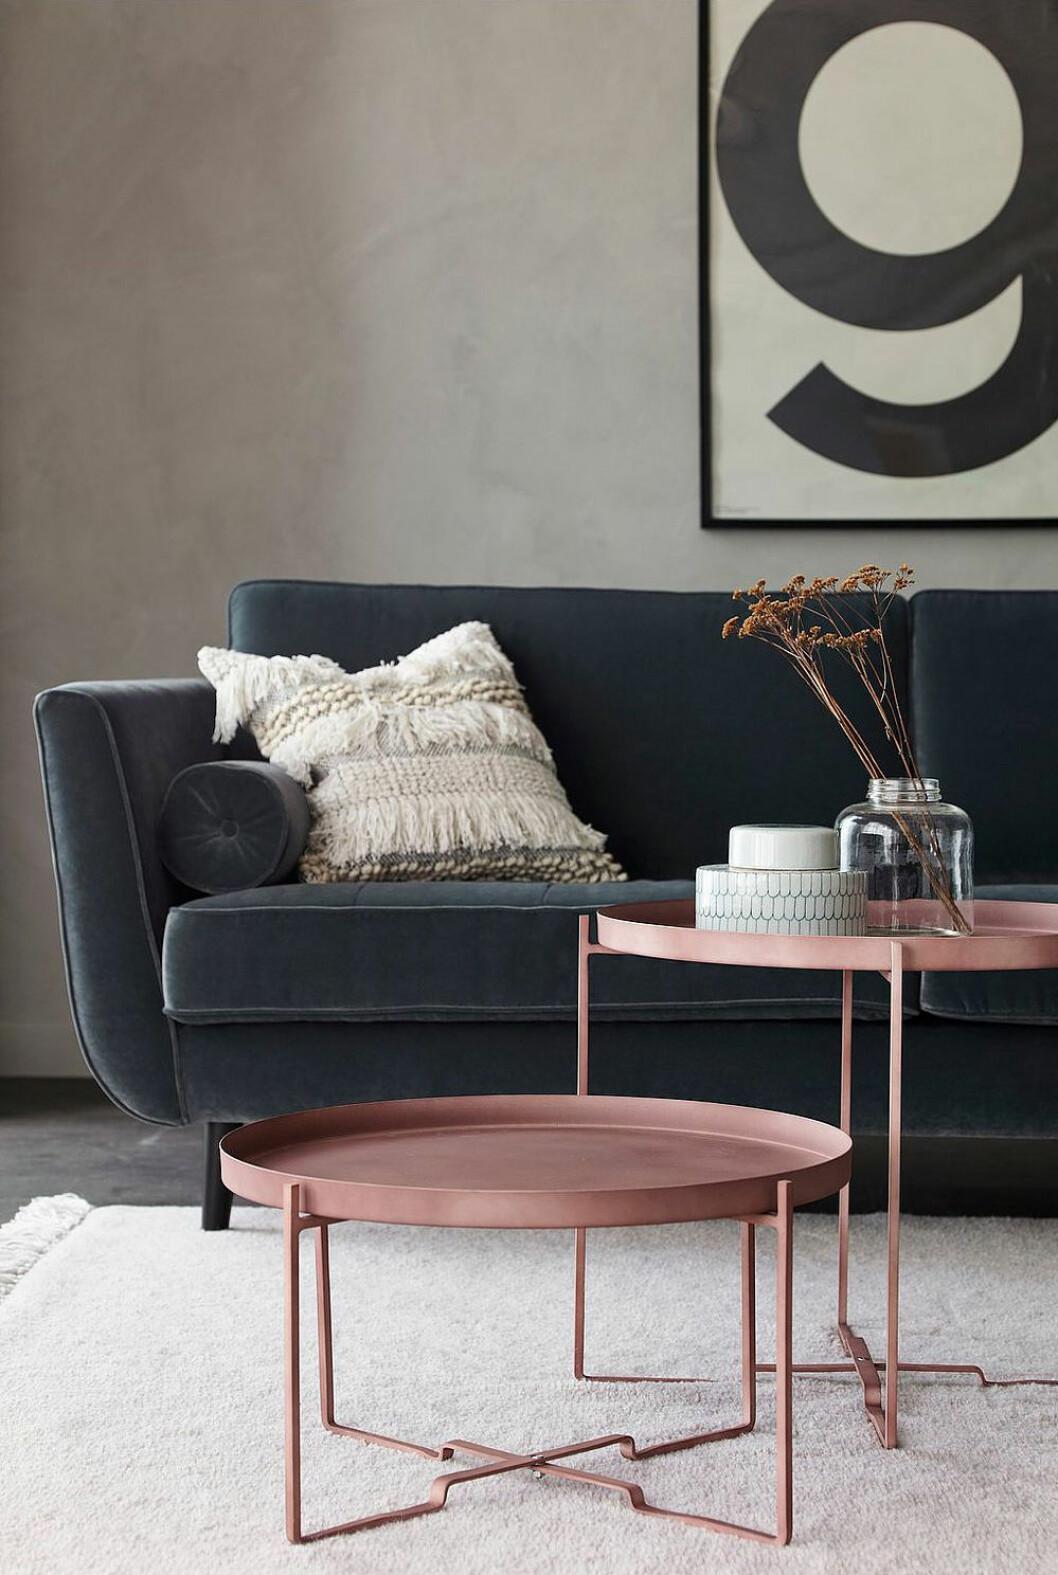 Ett lågt och ett högt soffbord i samma set, båda ljusröda